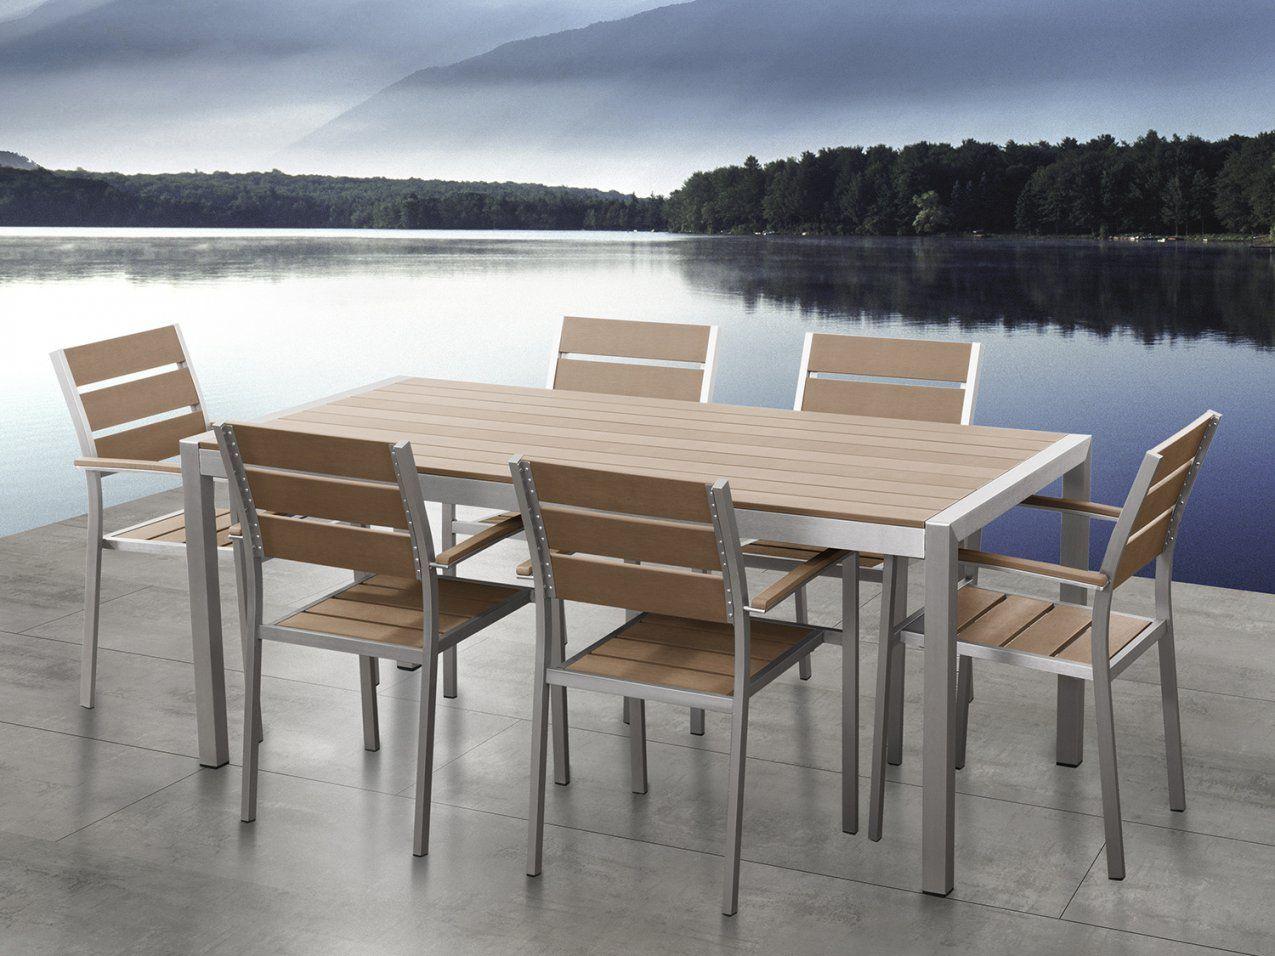 Gartenmöbel Aluminium Tisch + 6 Stühle Gartentisch Gartenstuhl von Gartentisch Mit 6 Stühlen Photo